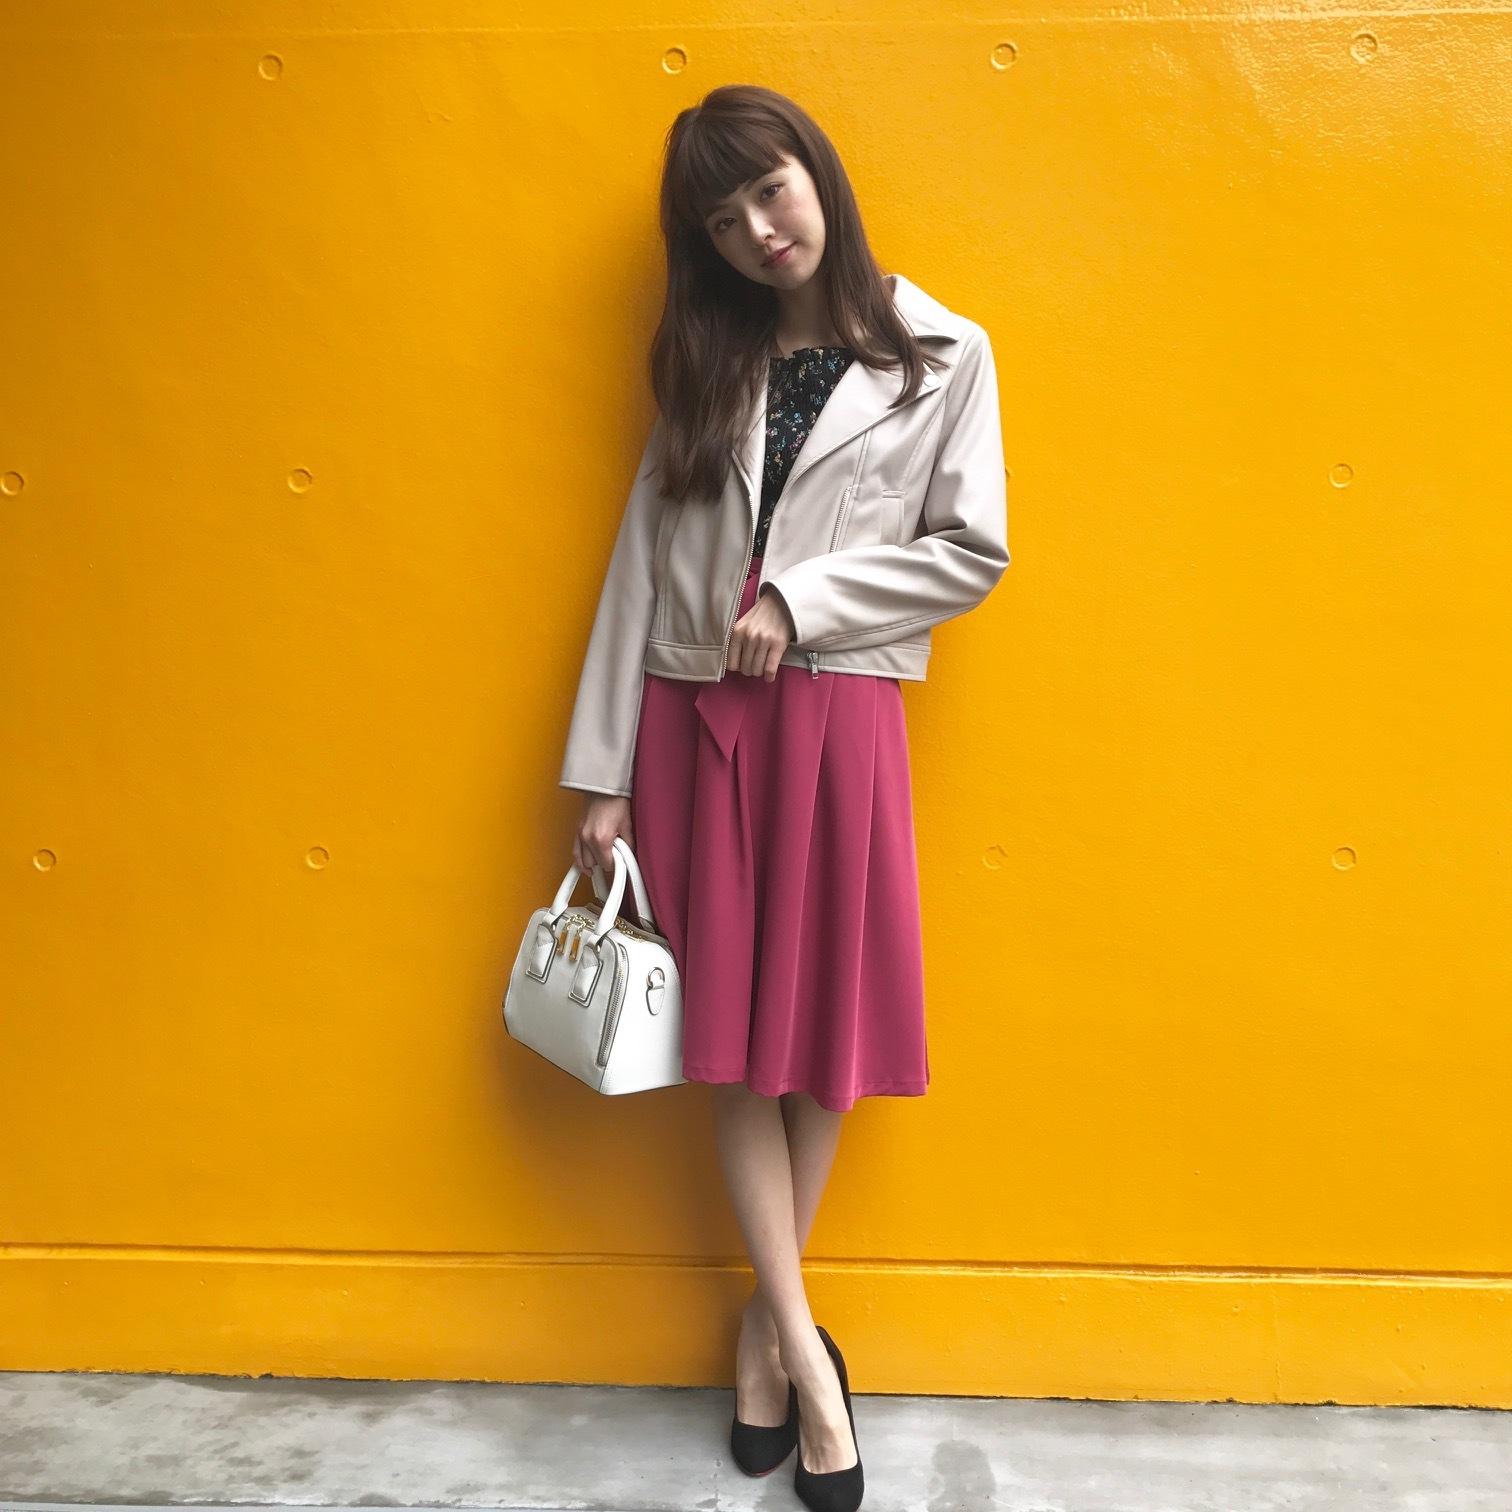 鈴木優華は可愛げピンクスカートをライダースで大人にシフト!【毎日コーデ】_1_1